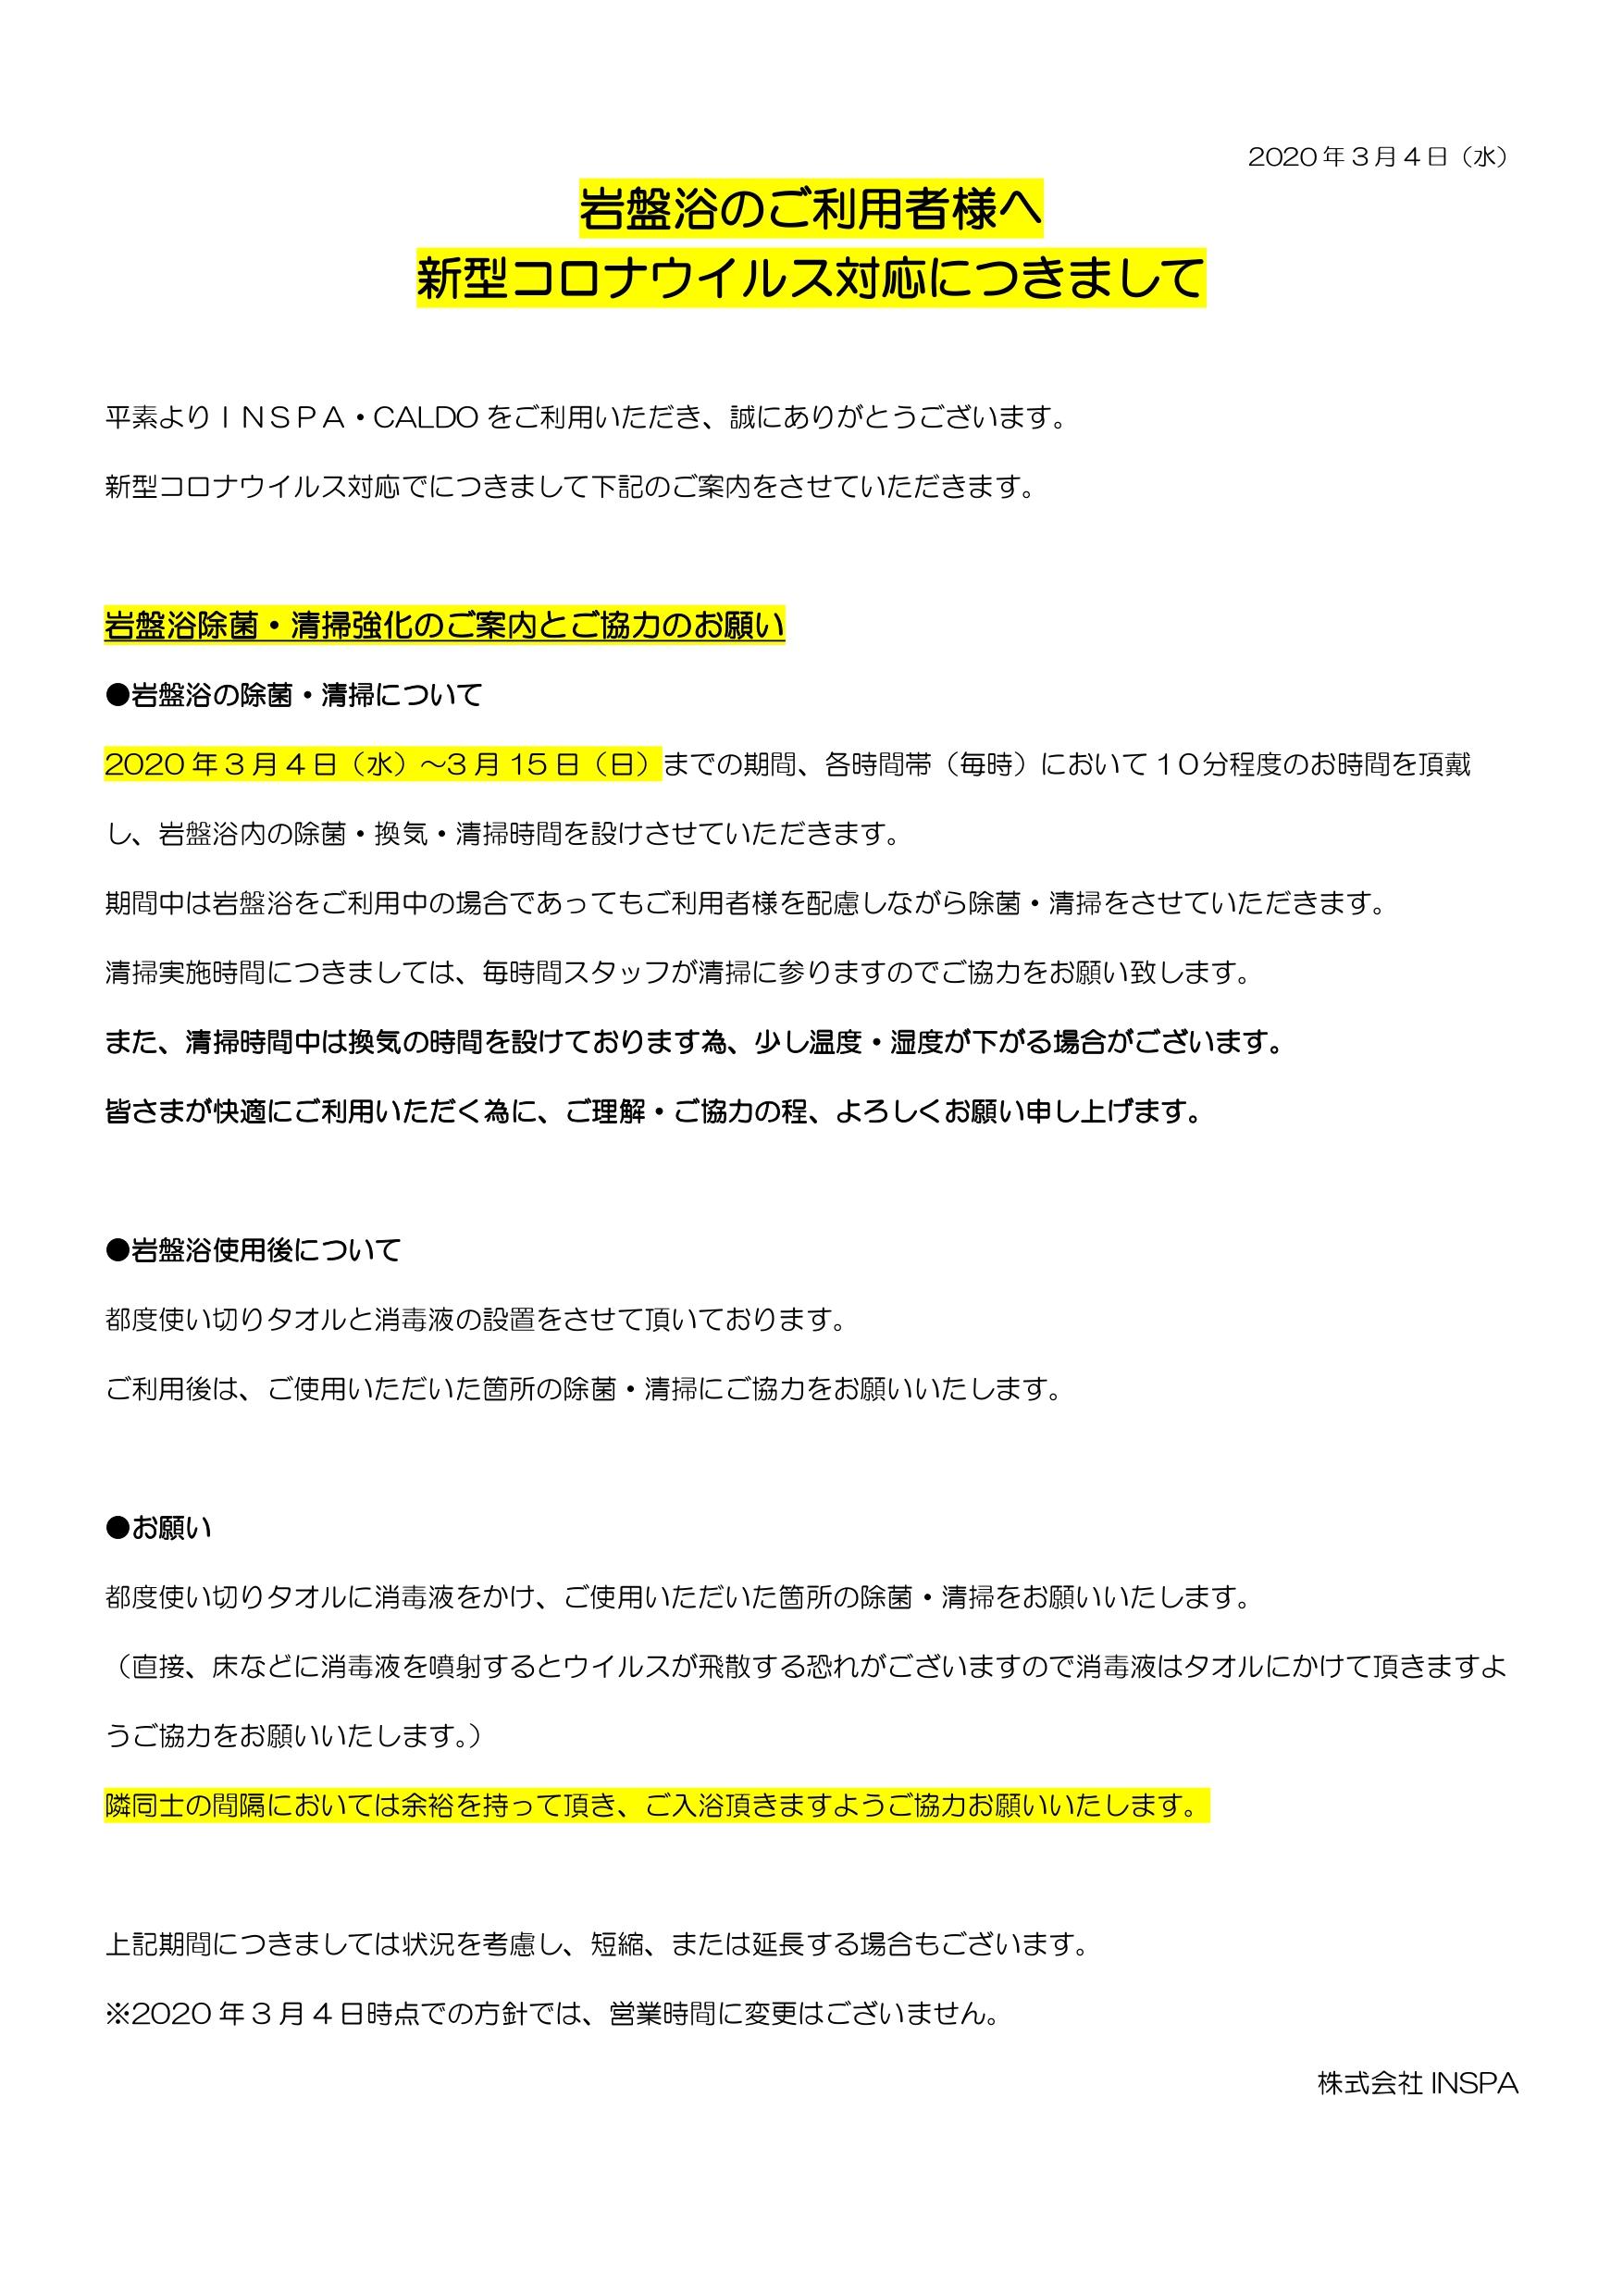 200303【岩盤浴室】コロナ告知 (修正2)_page-0001